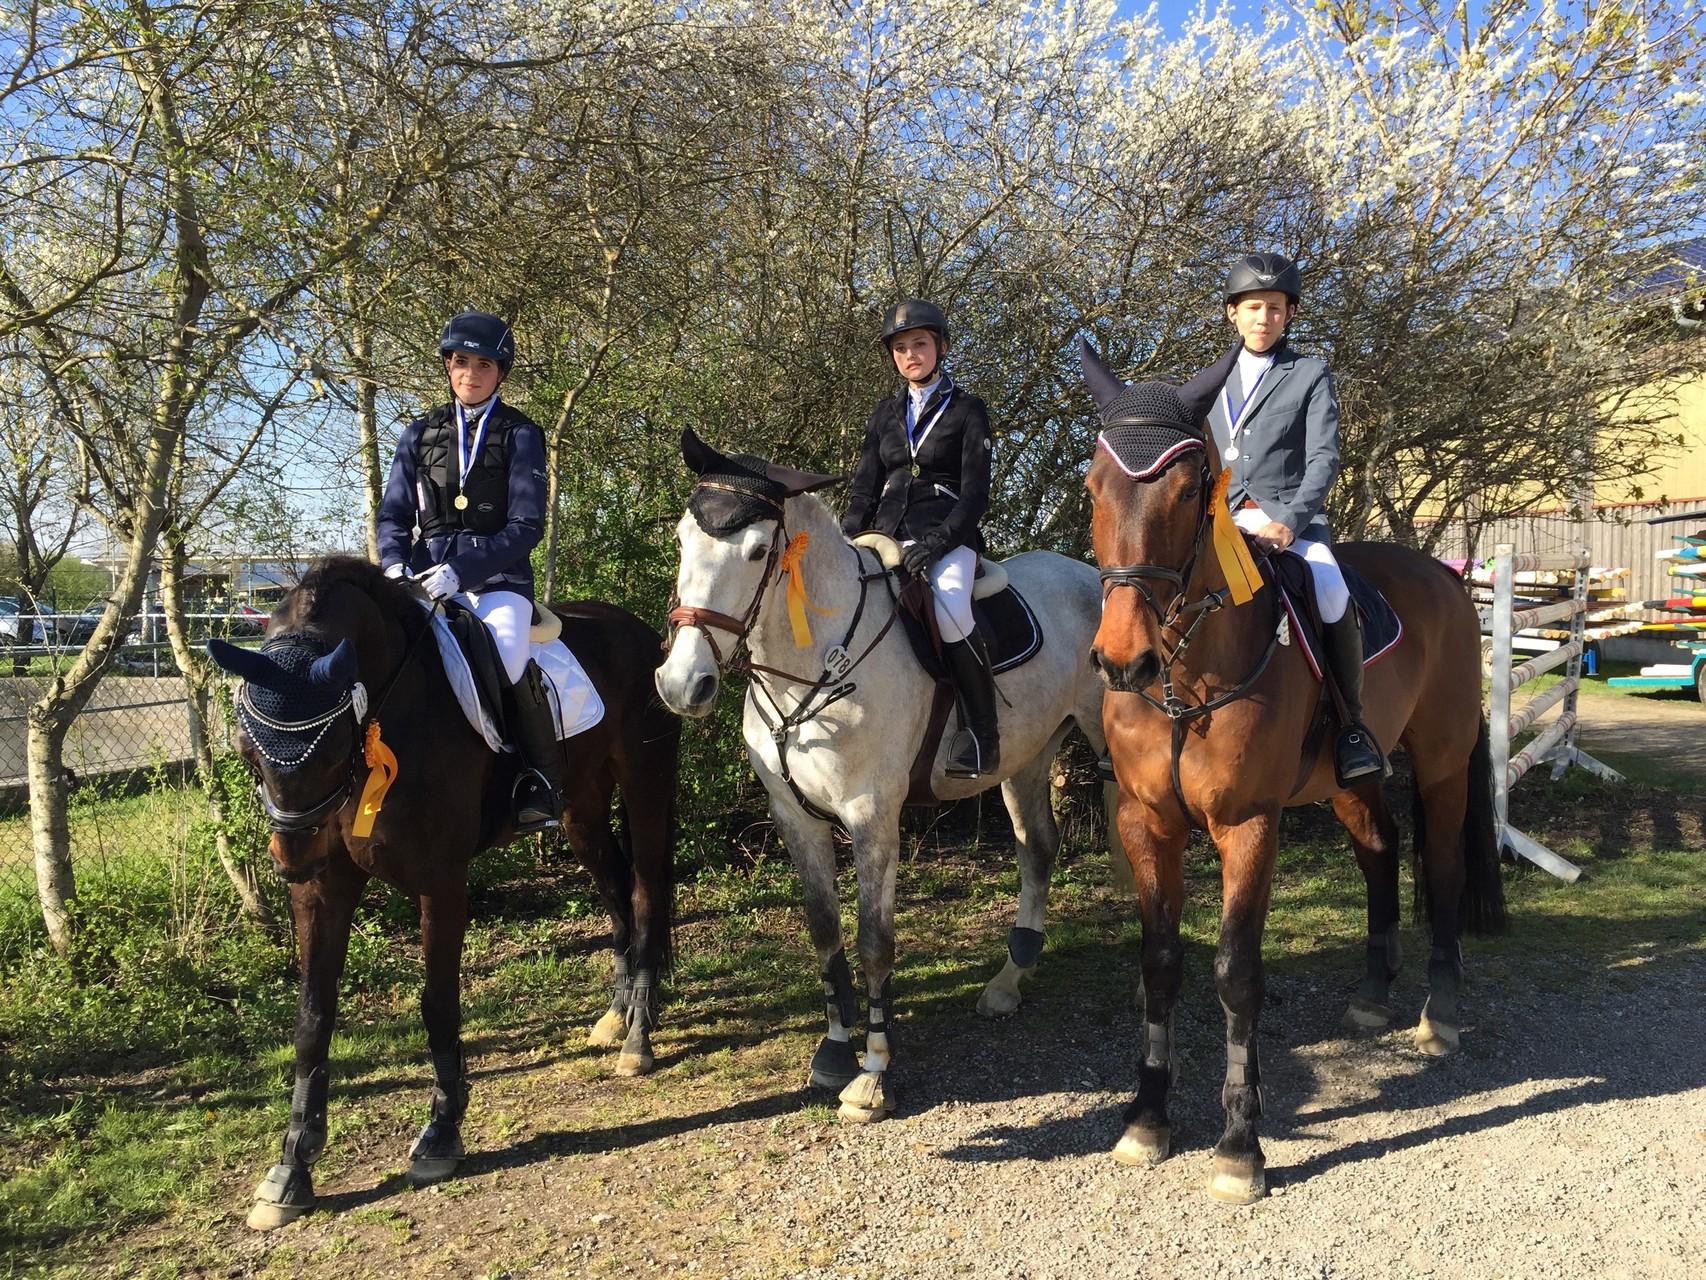 Chiara Frenkel, Janina Oswald und Samuel Birk gewinnen den Mannschafts-Springwettbewerb